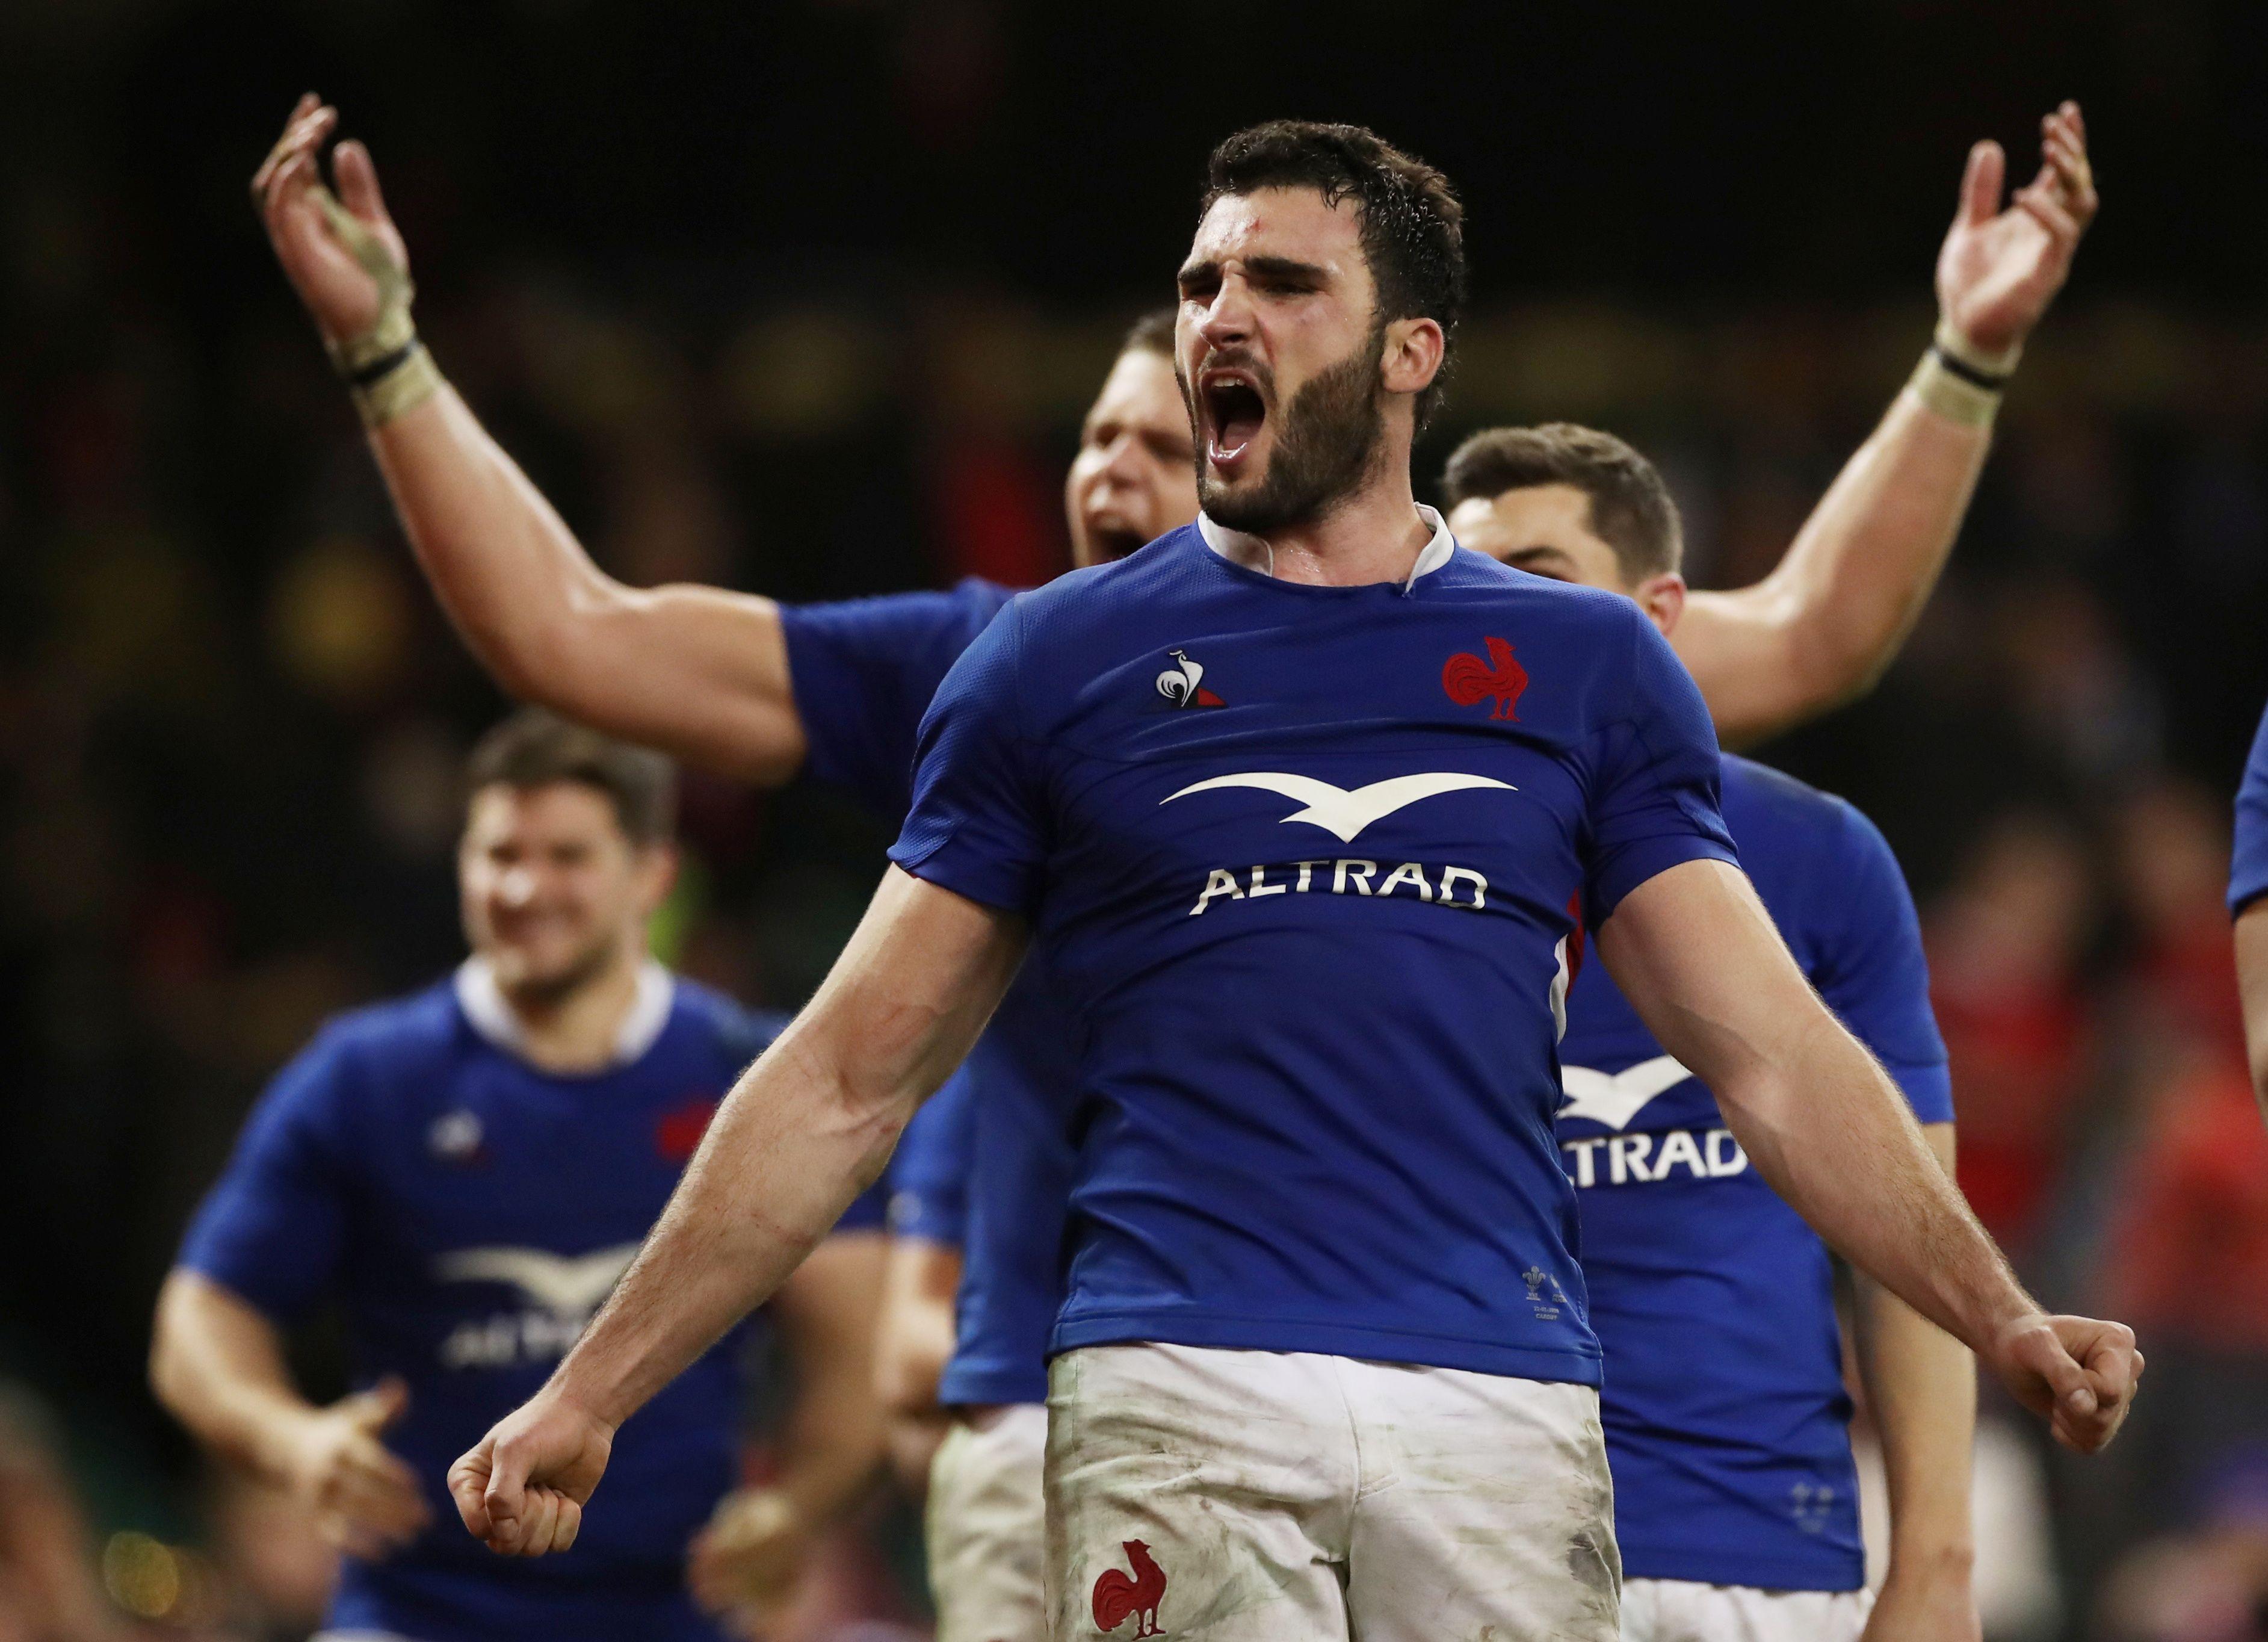 Rugby - 6 Nations - Sondage - Le XV de France réussira-t-il le Grand Chelem ?